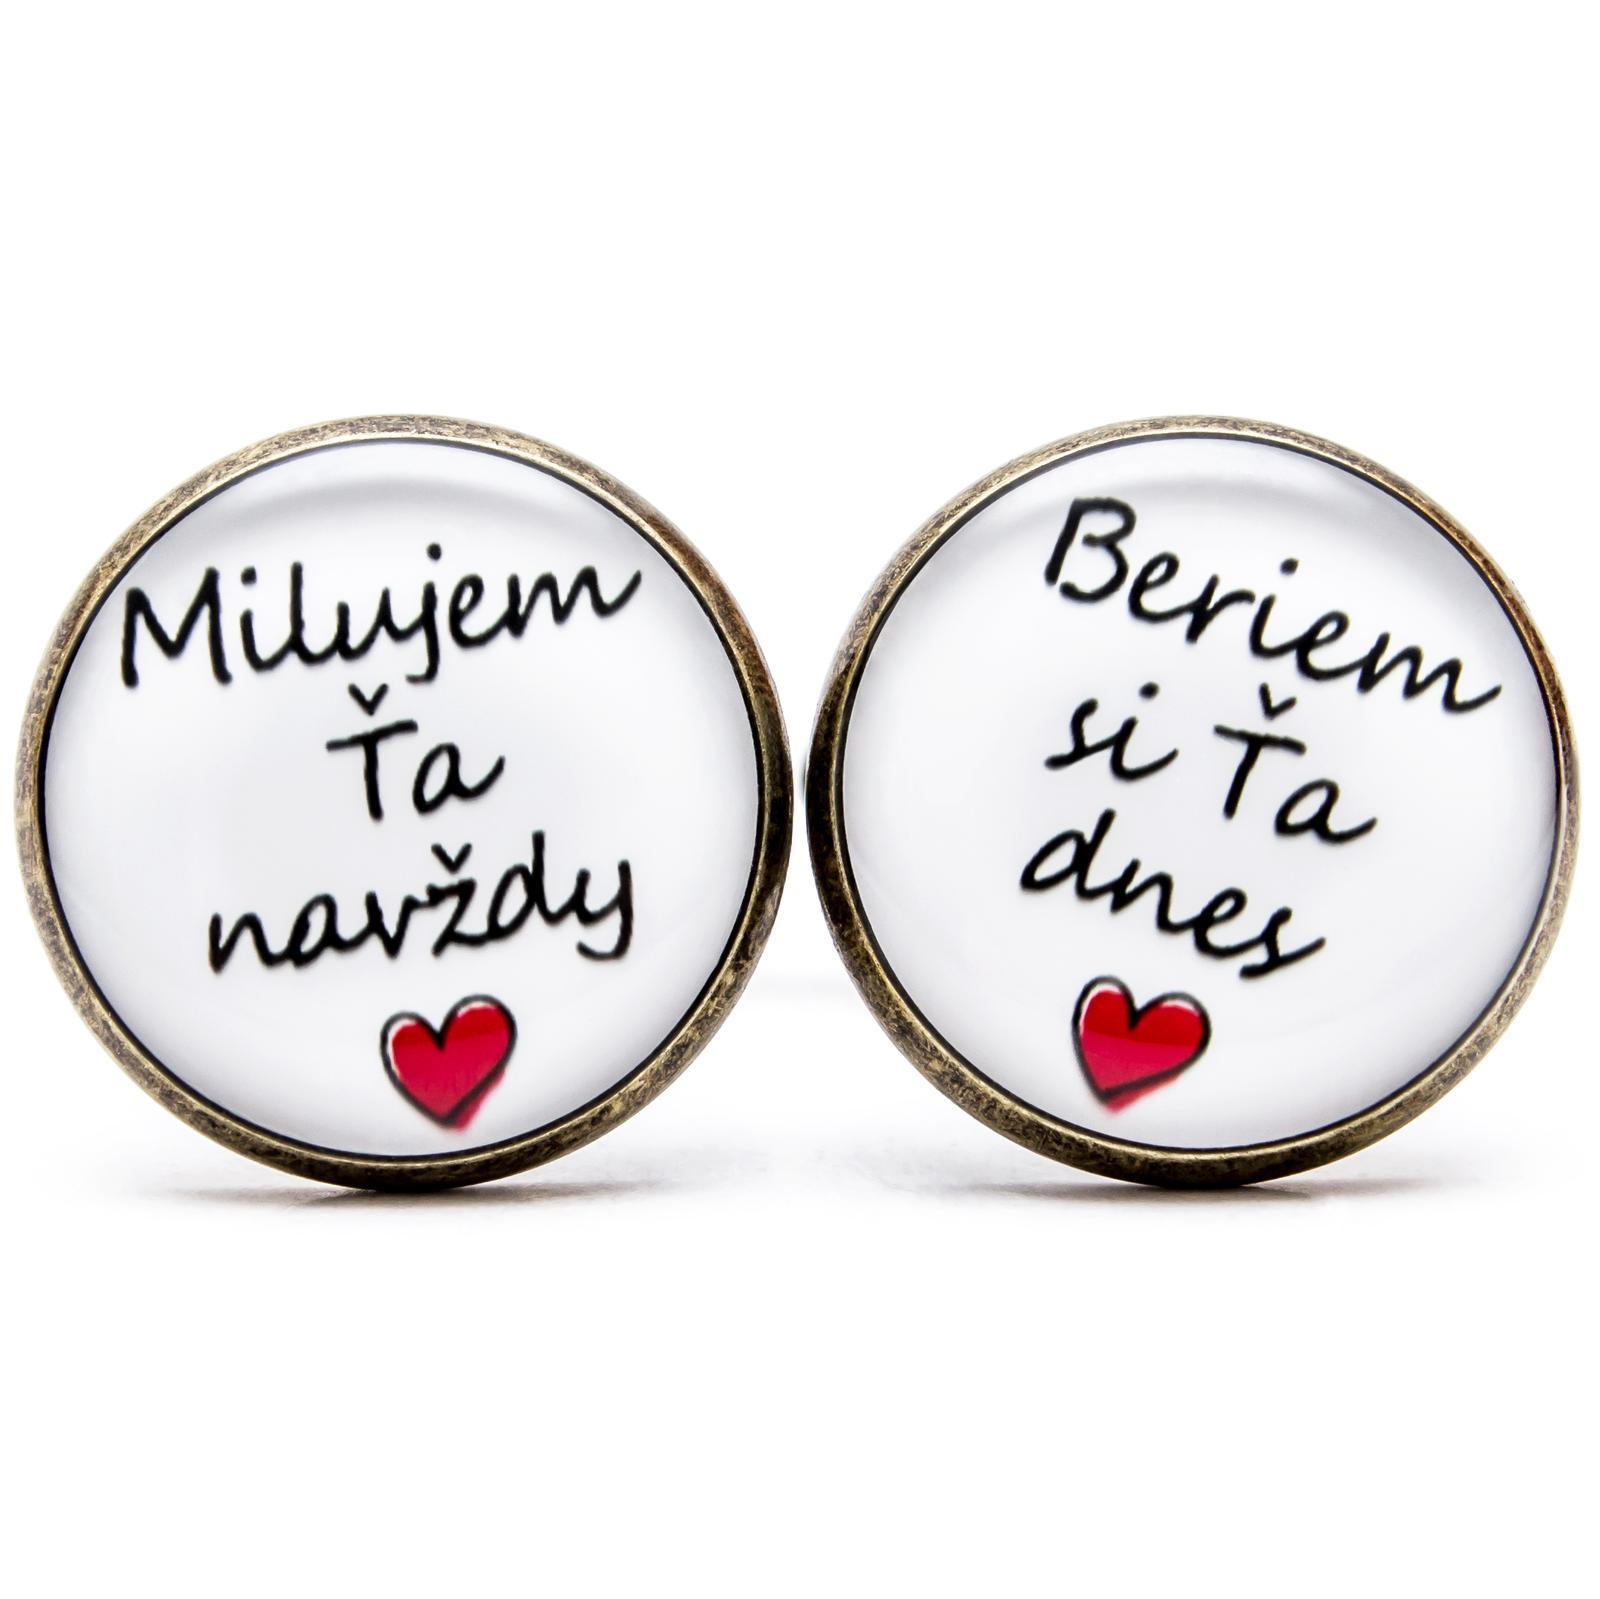 ♥  Manžetové gombíky na mieru - presne podľa Tvojich predstáv ♥ - Beriem si ťa dnes - Milujem Ťa navždy